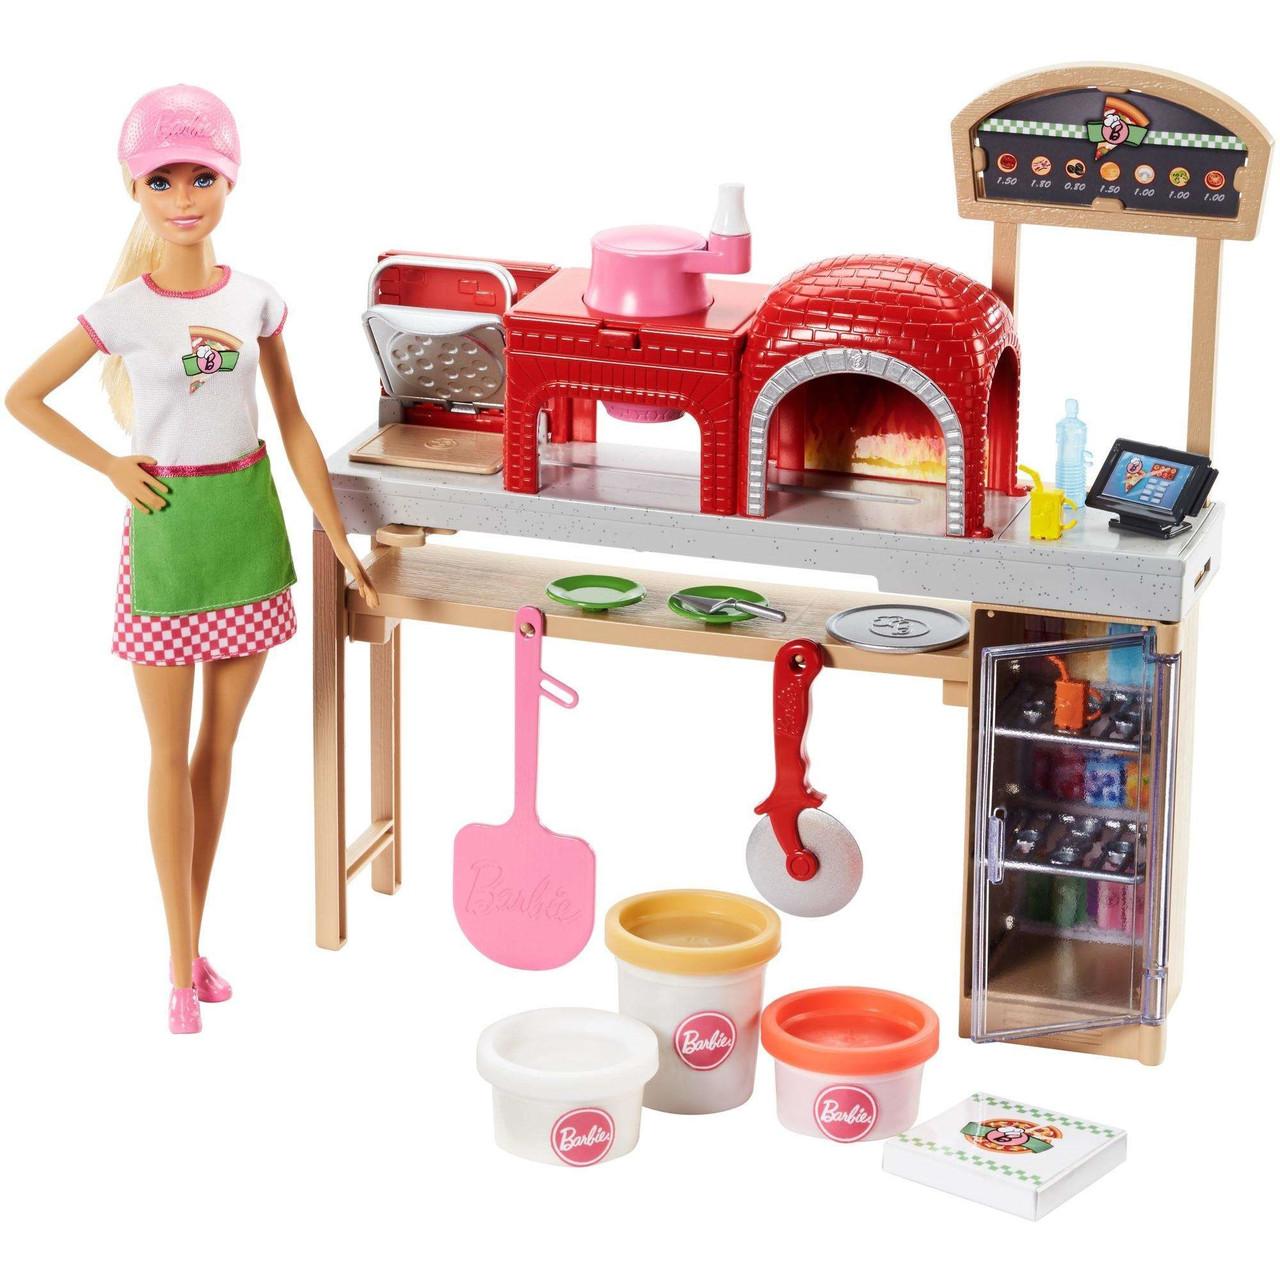 Барби Повар Пиццерии Barbie Cooking & Baking Pizza Making Chef Doll & Play Set